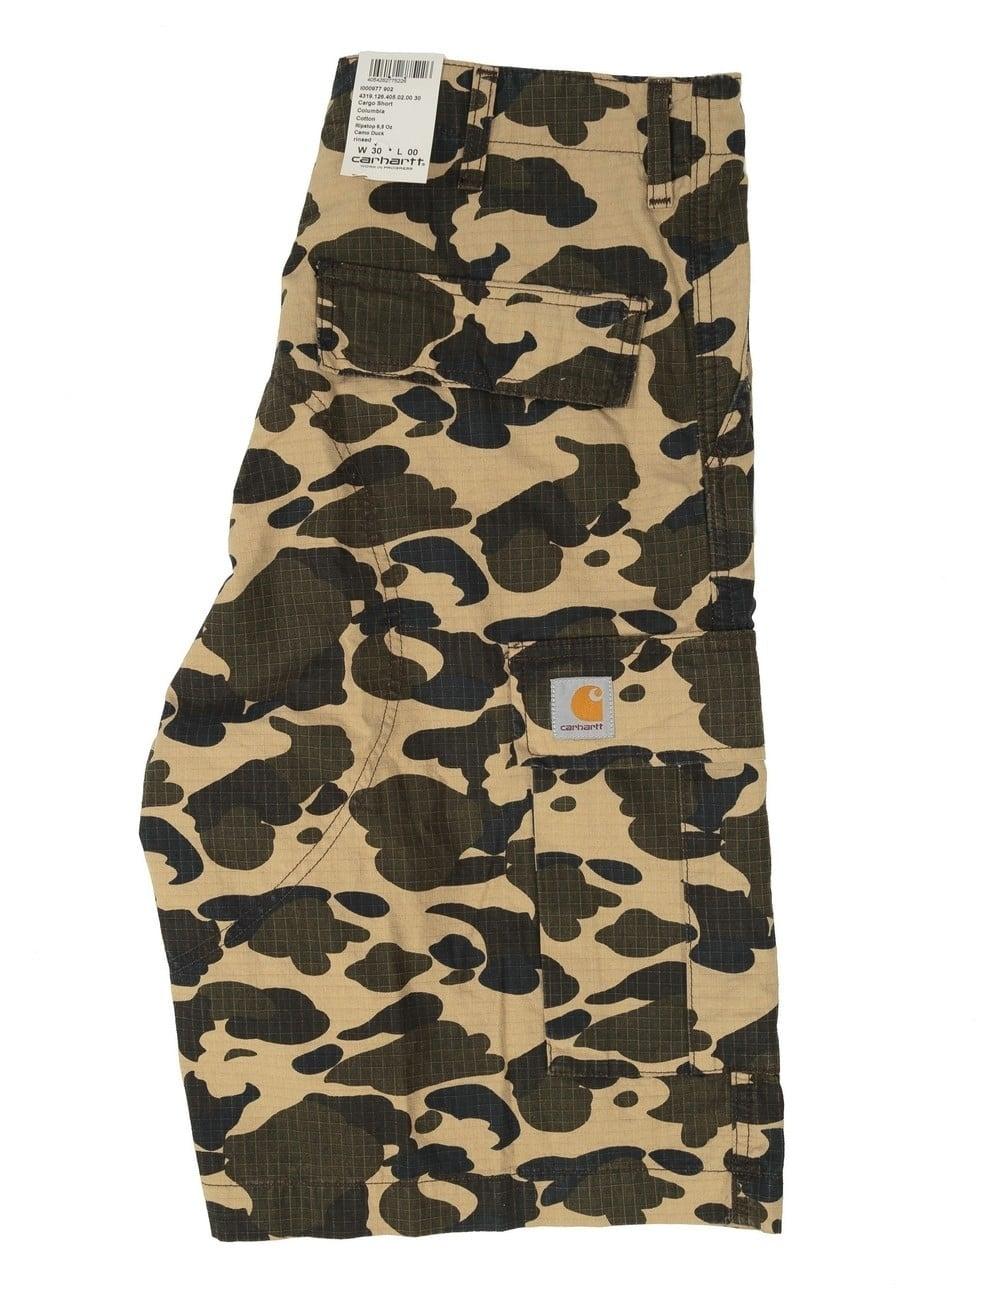 8d407c25de Carhartt WIP Cargo Shorts - Camo Duck - Clothing from Fat Buddha ...